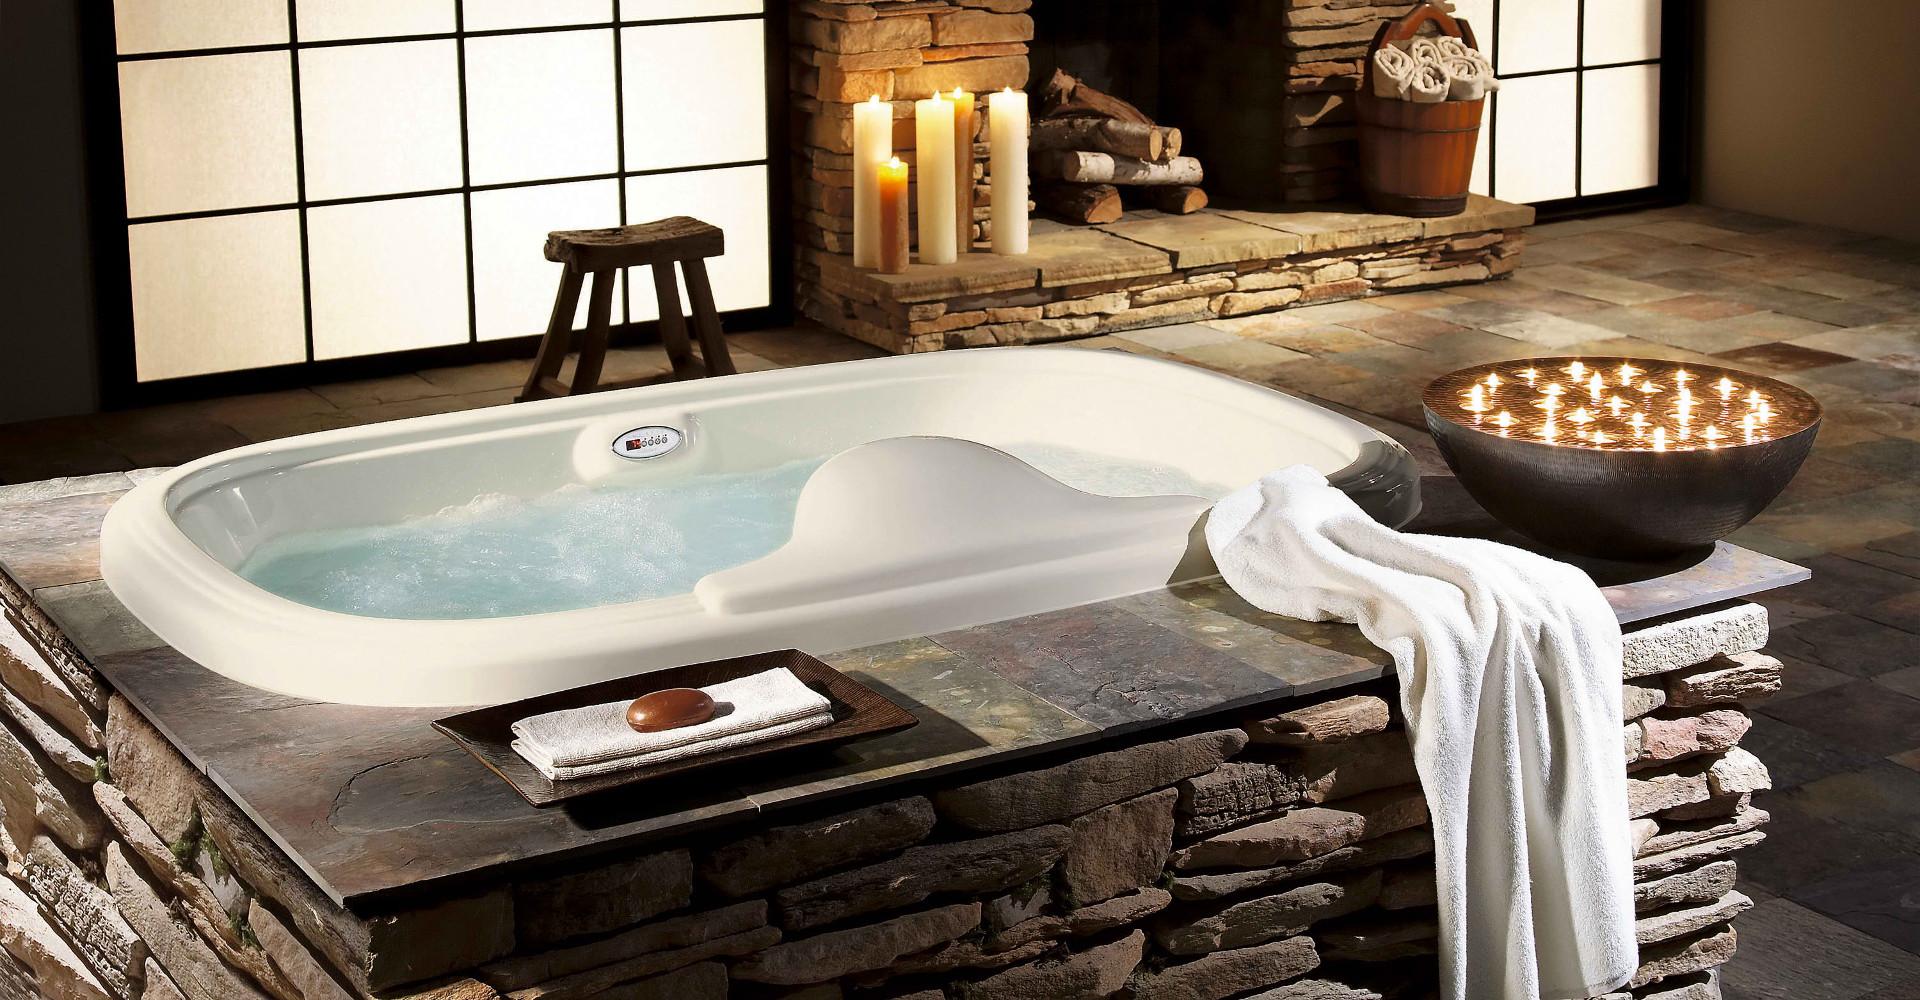 sfeer aanbrengen in je badkamer tips tricks sfeer en living